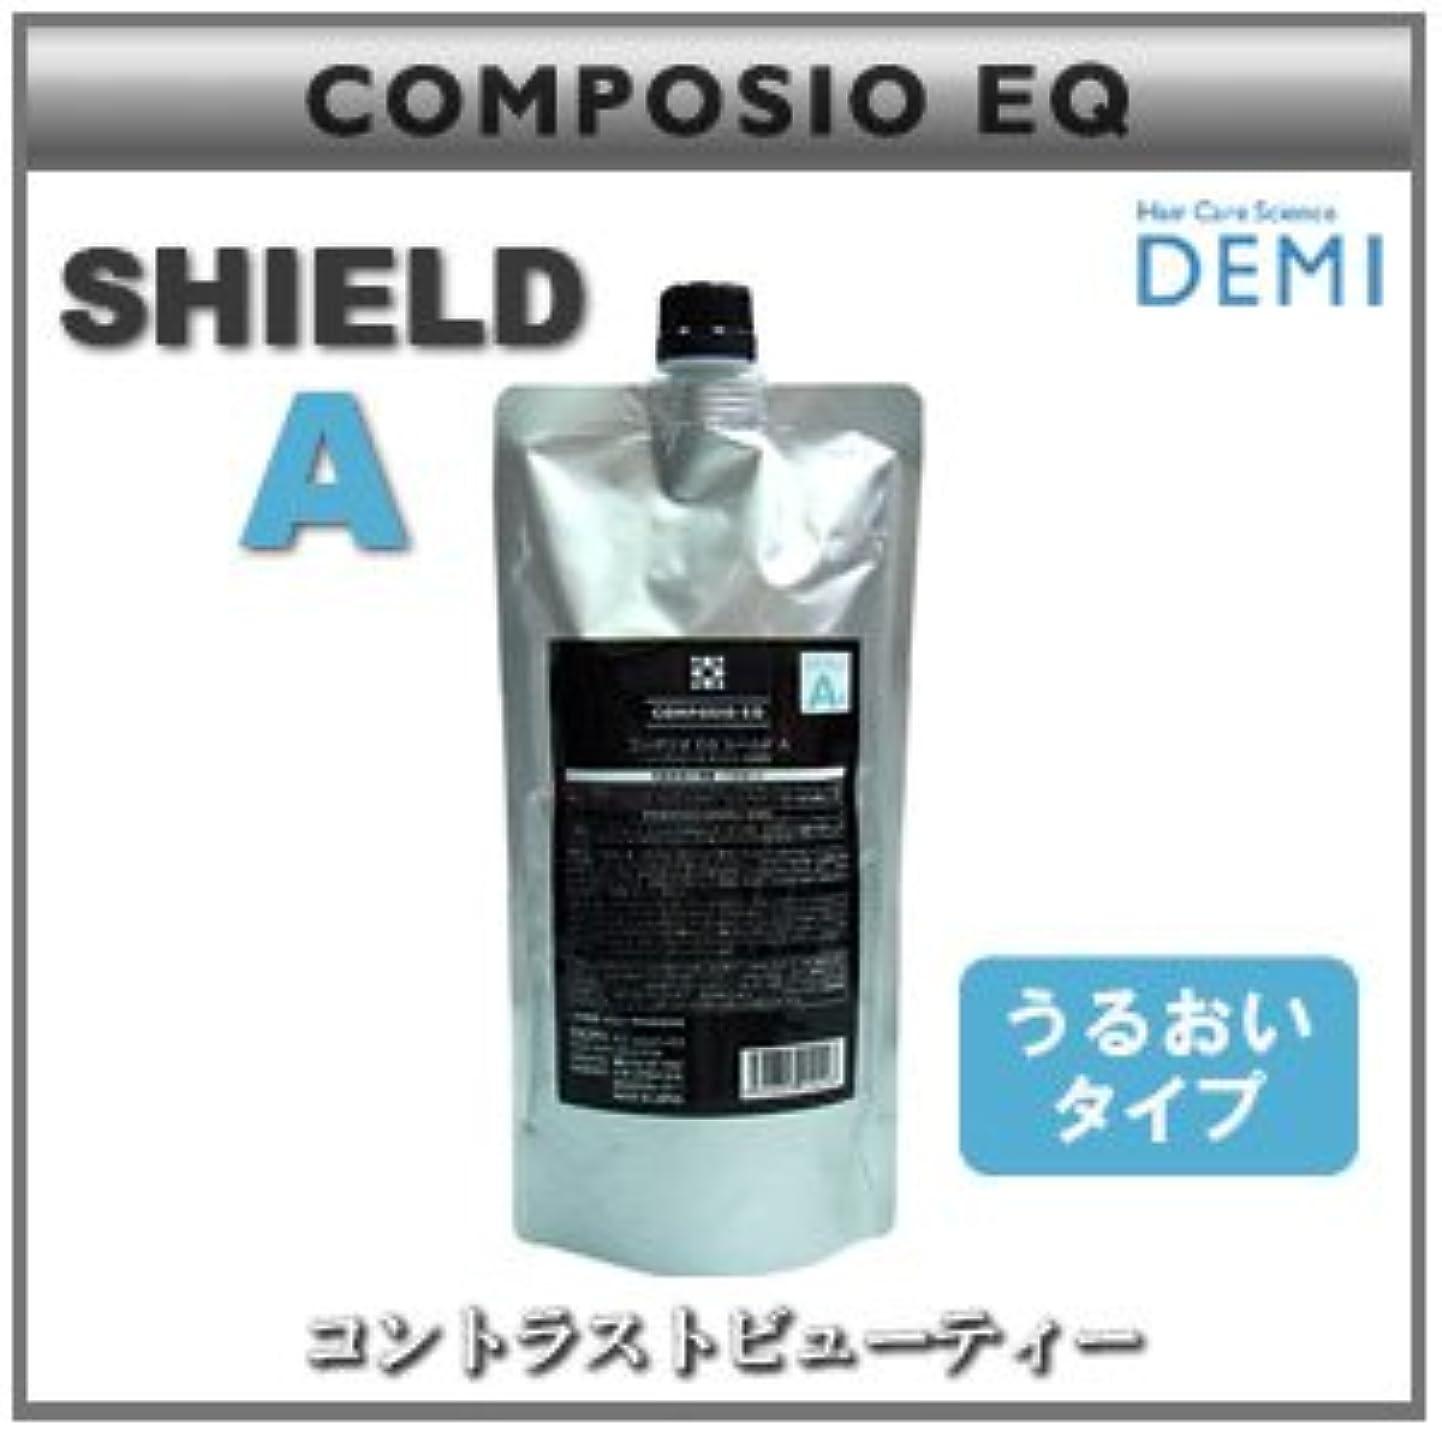 うま前置詞文字通り【x3個セット】 デミ コンポジオ EQ シールド A 450g